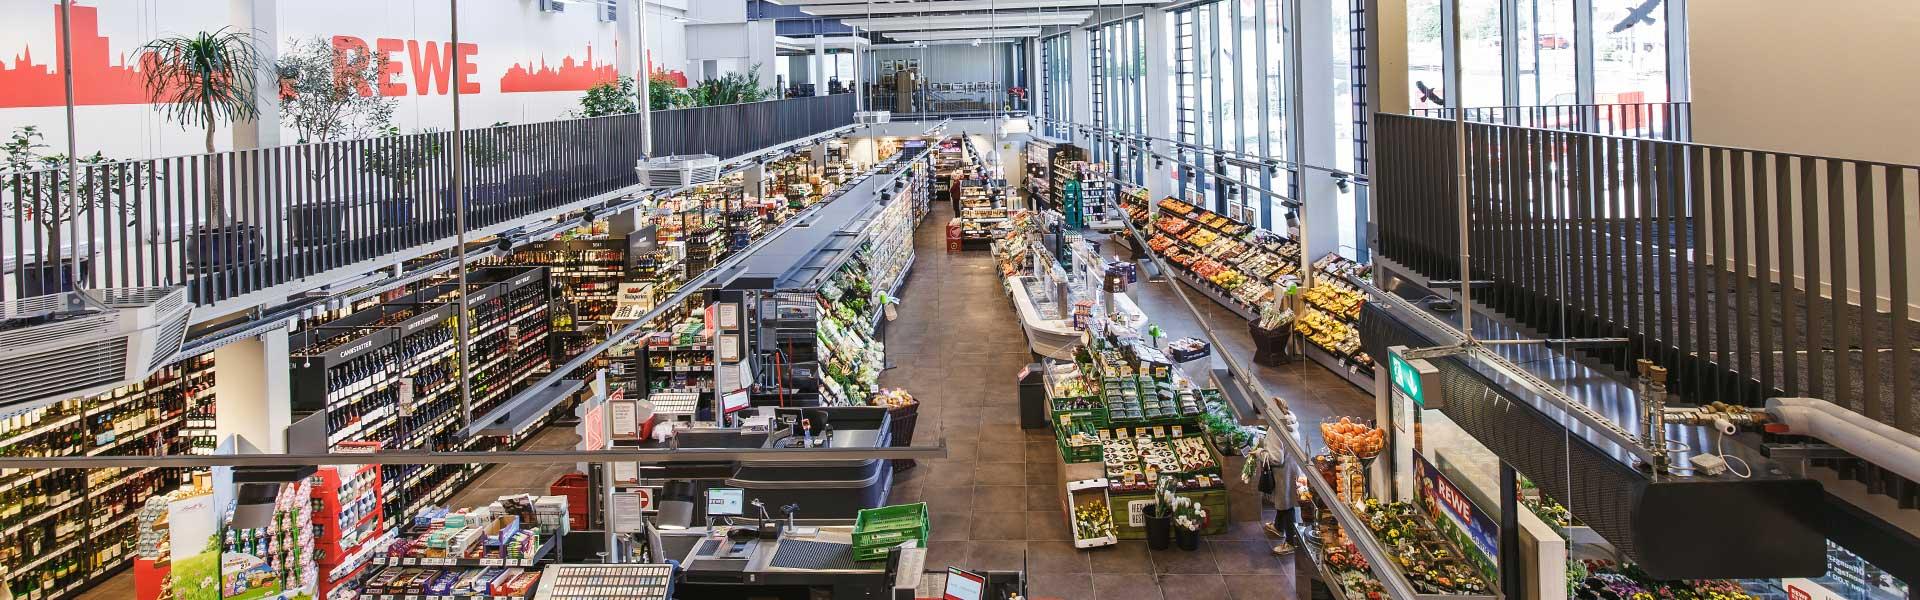 Produkte im REWE-Markt Roth in Stuttgart